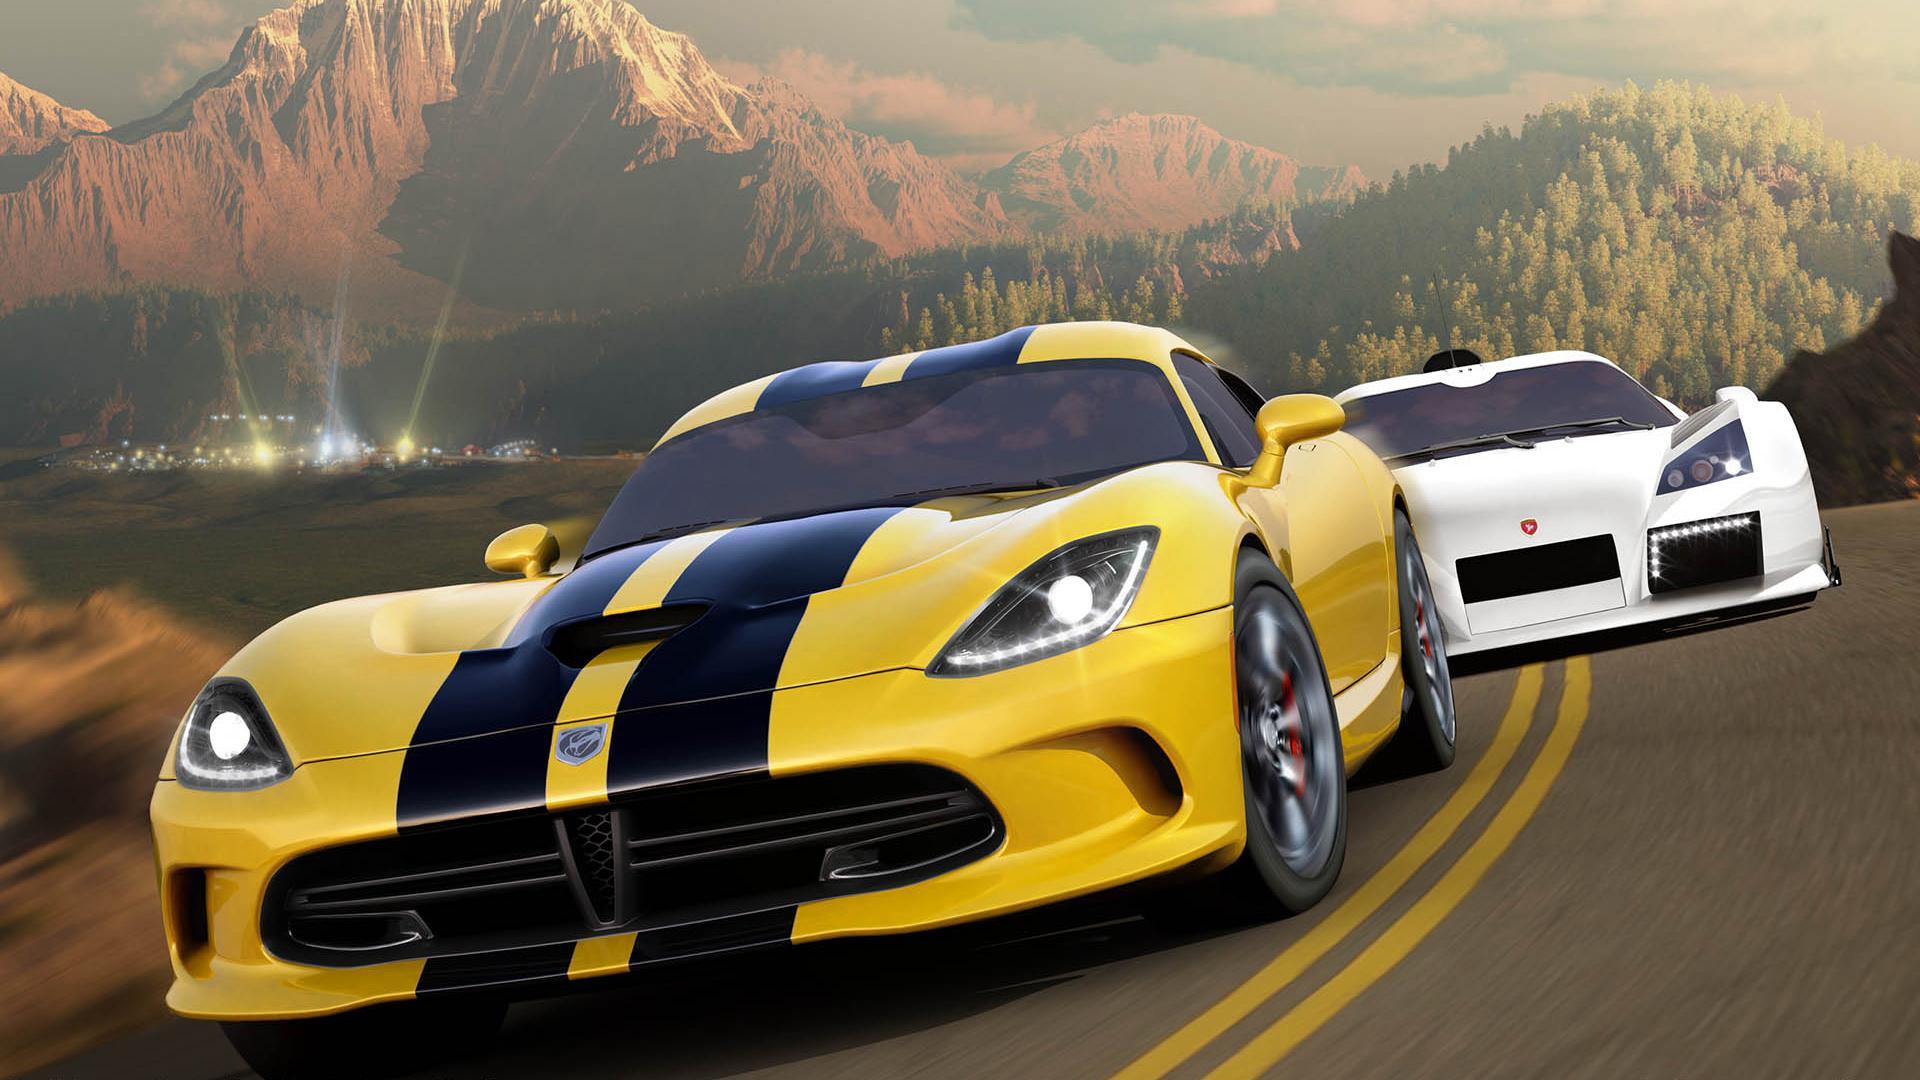 Десятилетие серии Forza: Часть 2: Horizon.. - Изображение 2